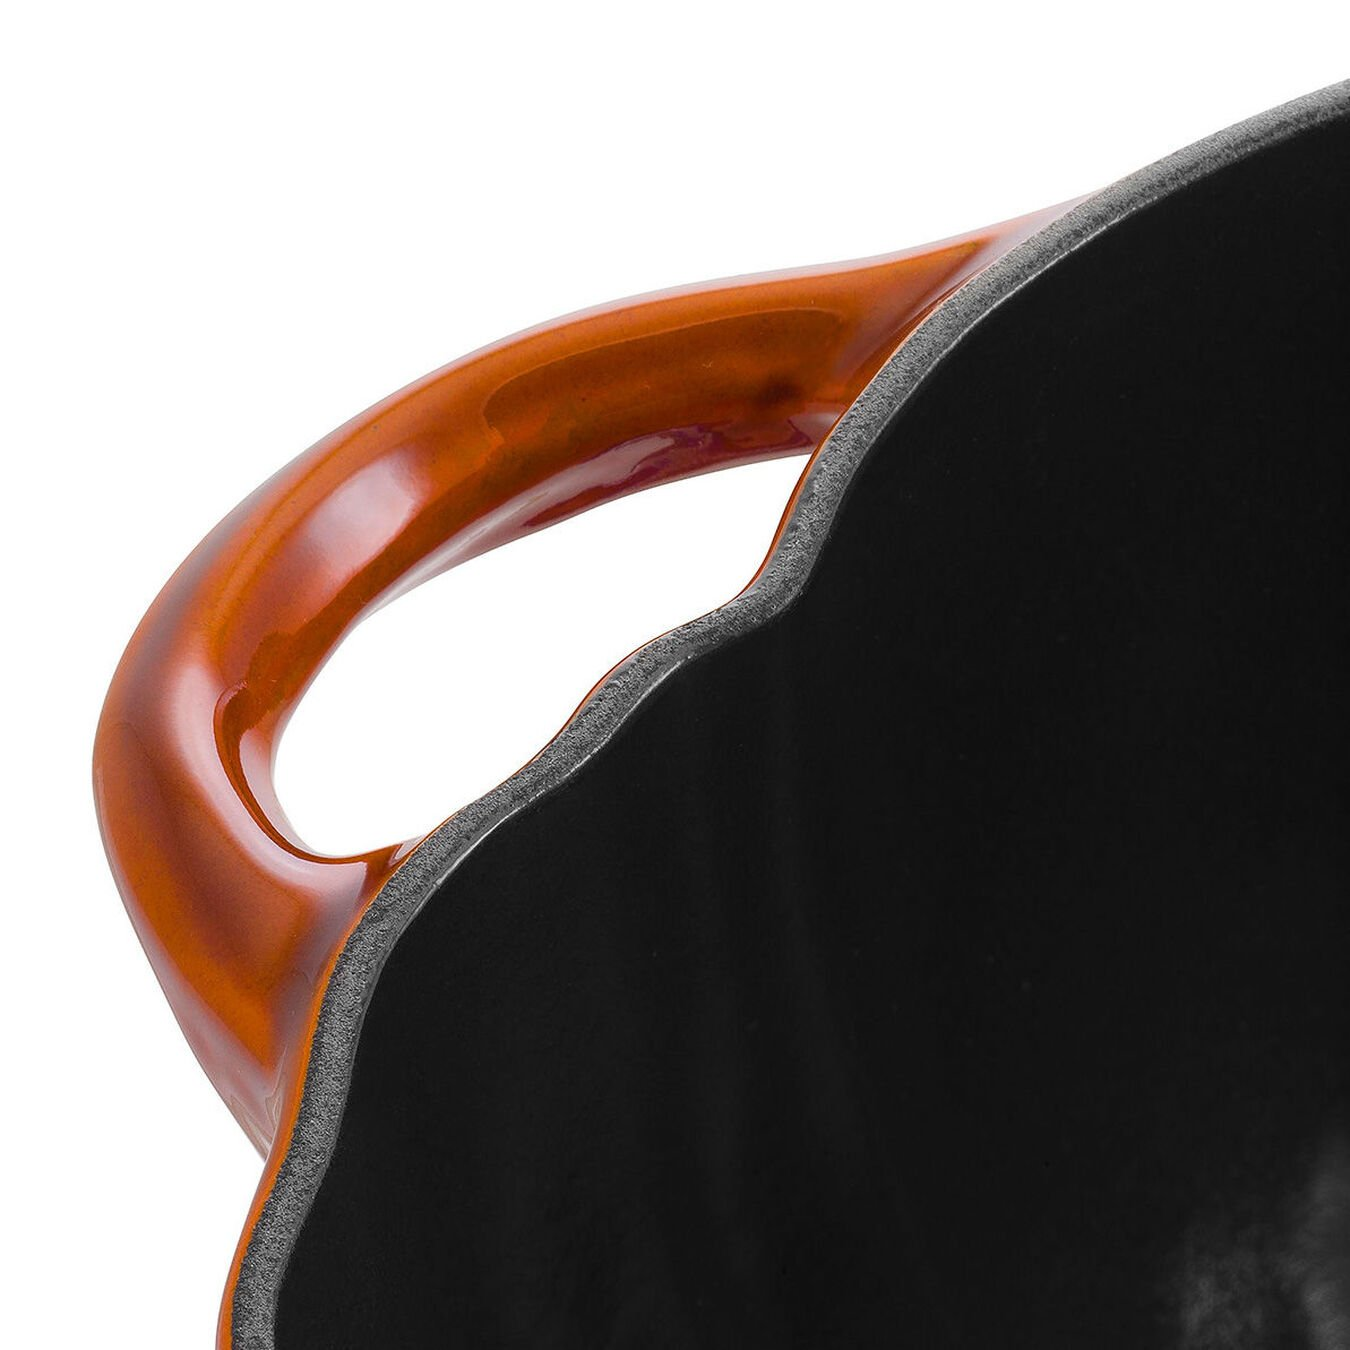 Cocotte 24 cm, Kürbis, Zimt, Gusseisen,,large 5